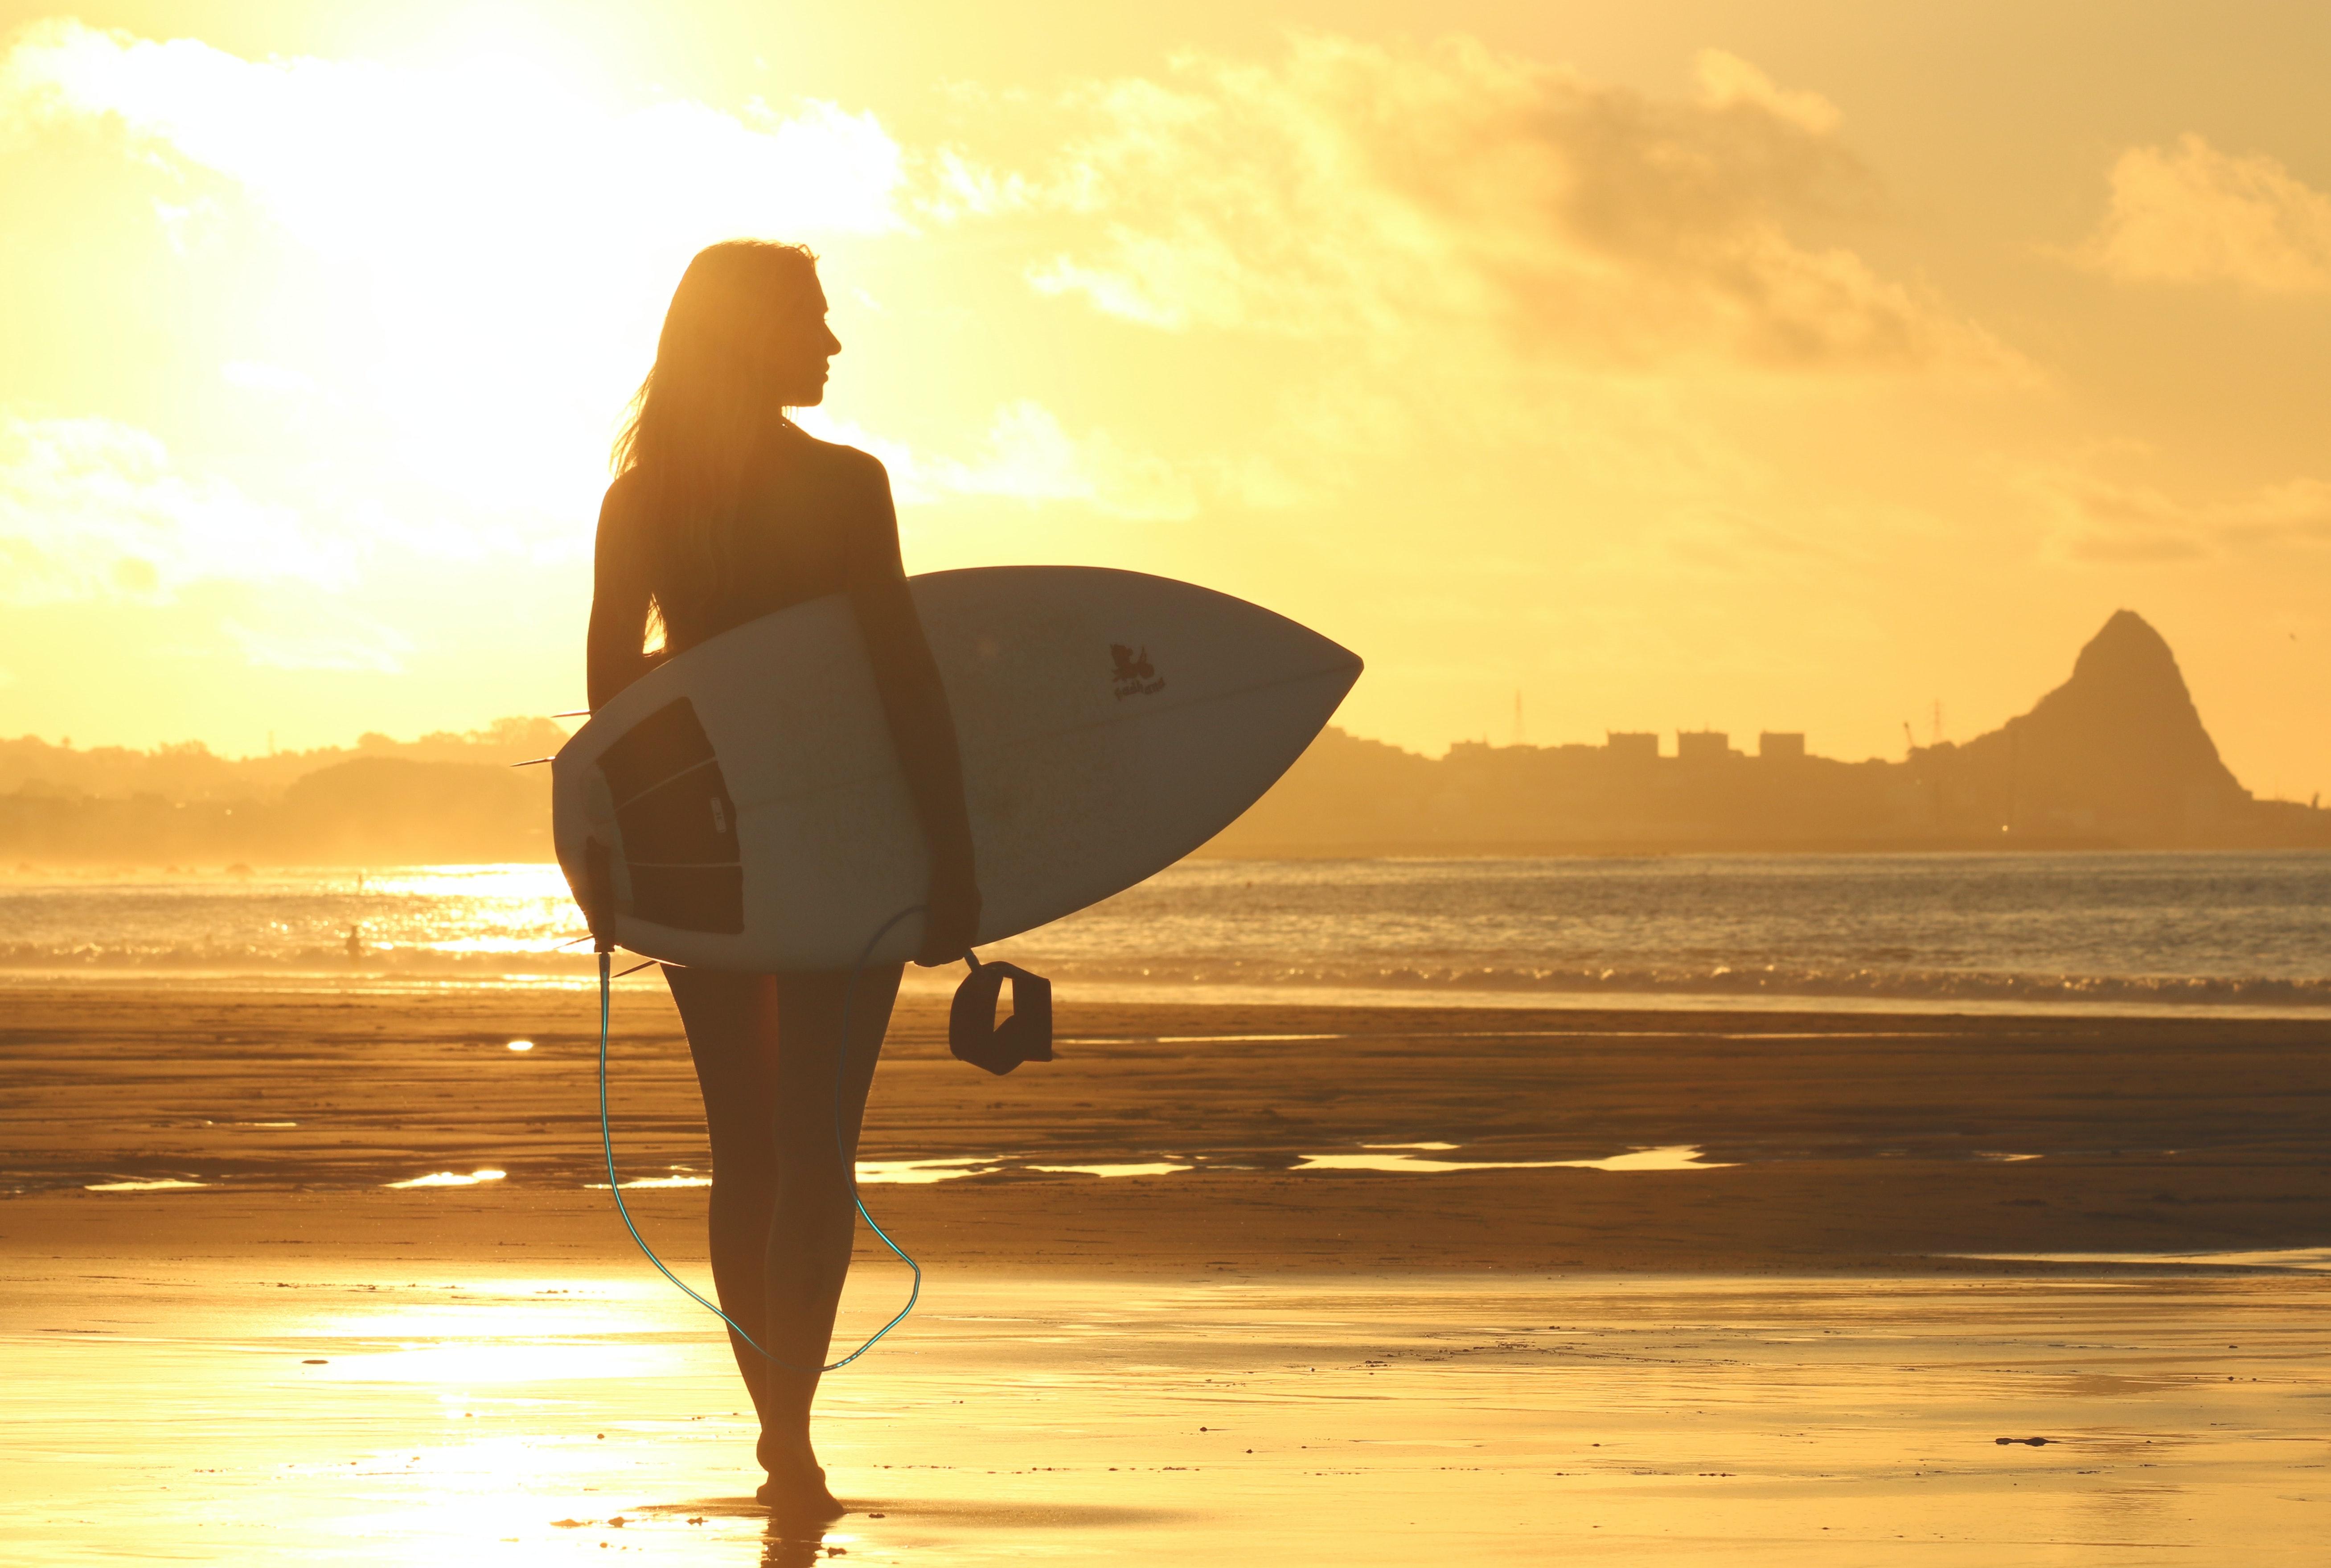 1000+ beautiful surfer girl photos · pexels · free stock photos